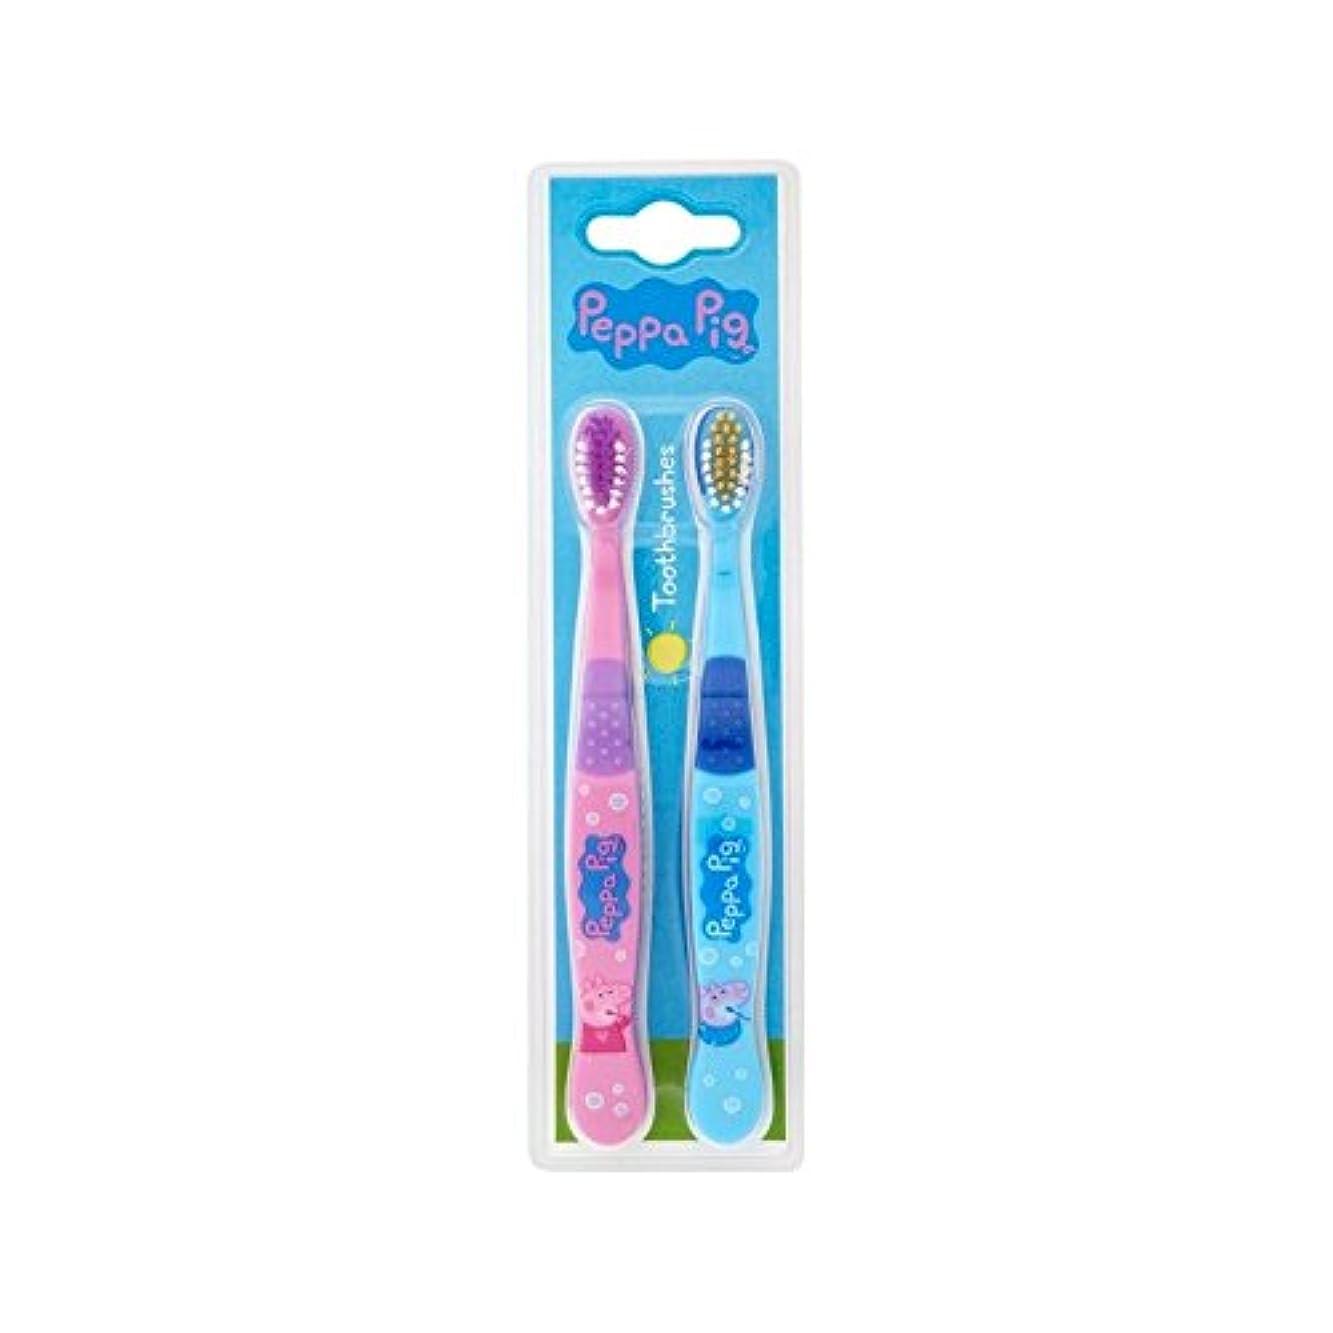 提唱する意見例1パックツイン歯ブラシ2 (Peppa Pig) (x 6) - Peppa Pig Twin Toothbrush 2 per pack (Pack of 6) [並行輸入品]